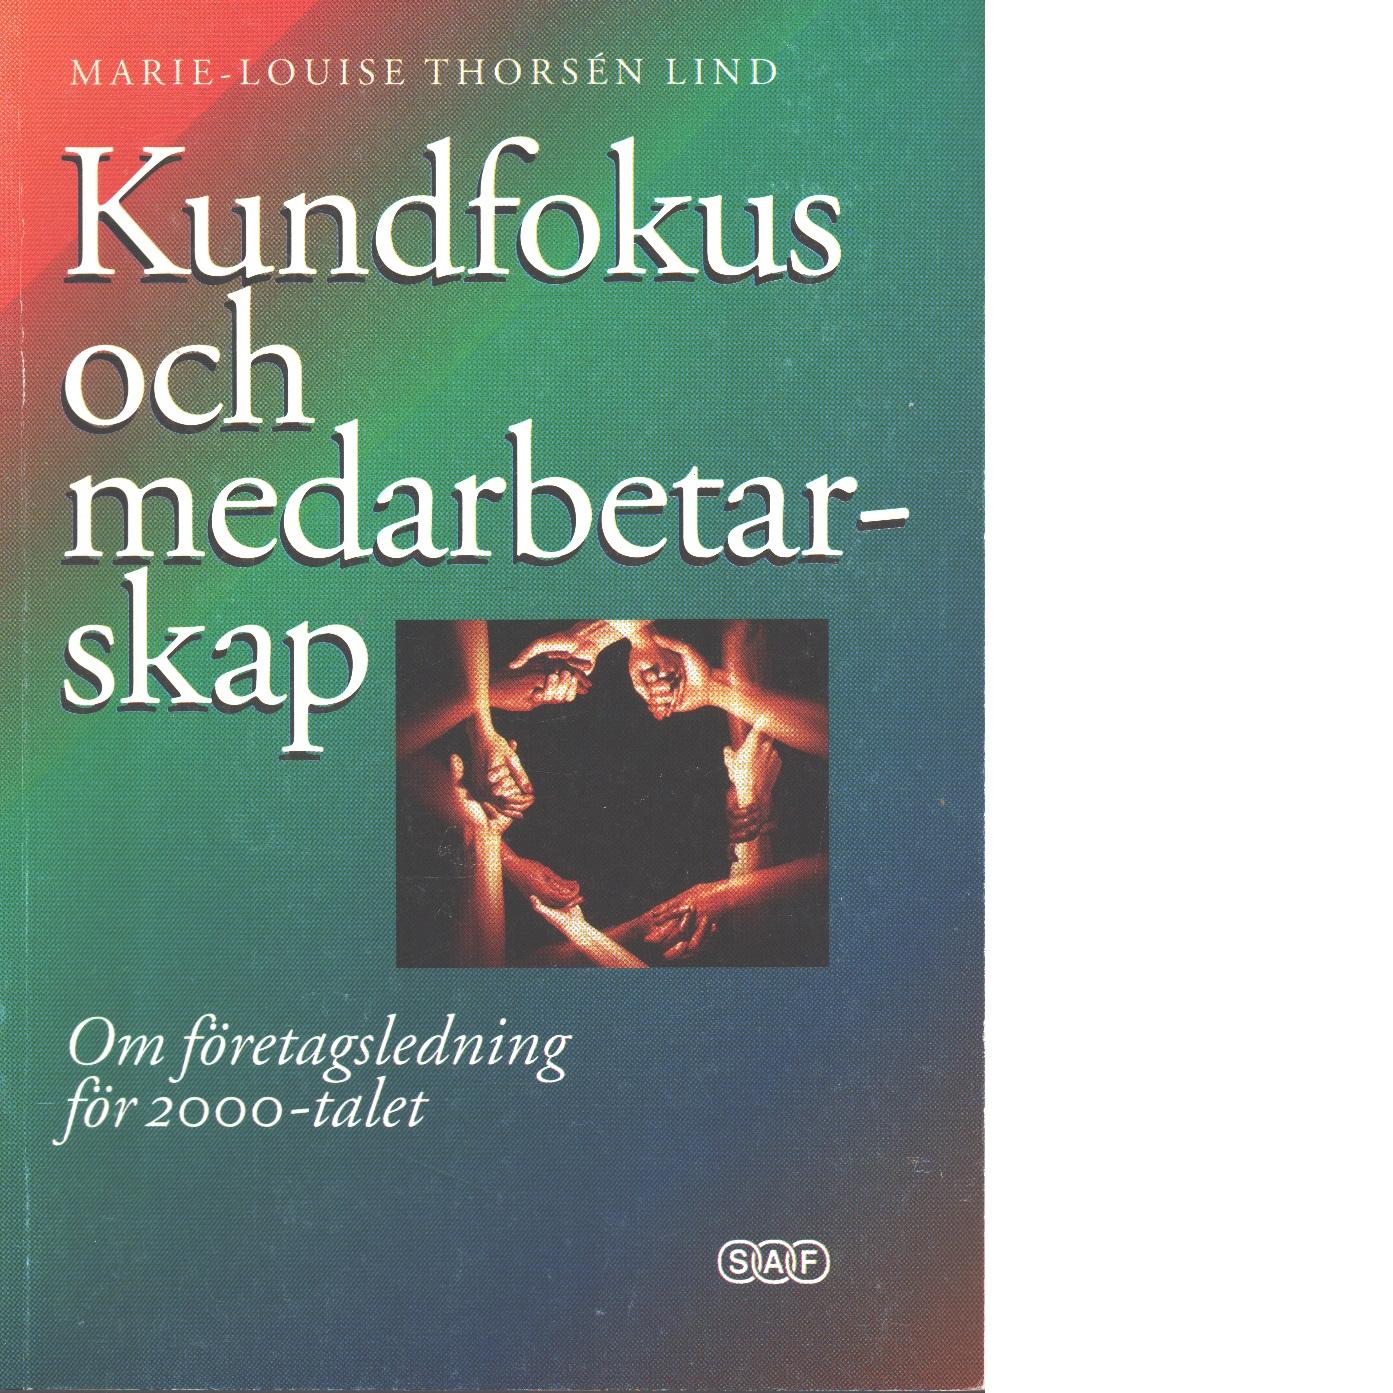 Kundfokus och medarbetarskap : om företagsledning för 2000-talet - Thorsén Lind, Marie-Louise